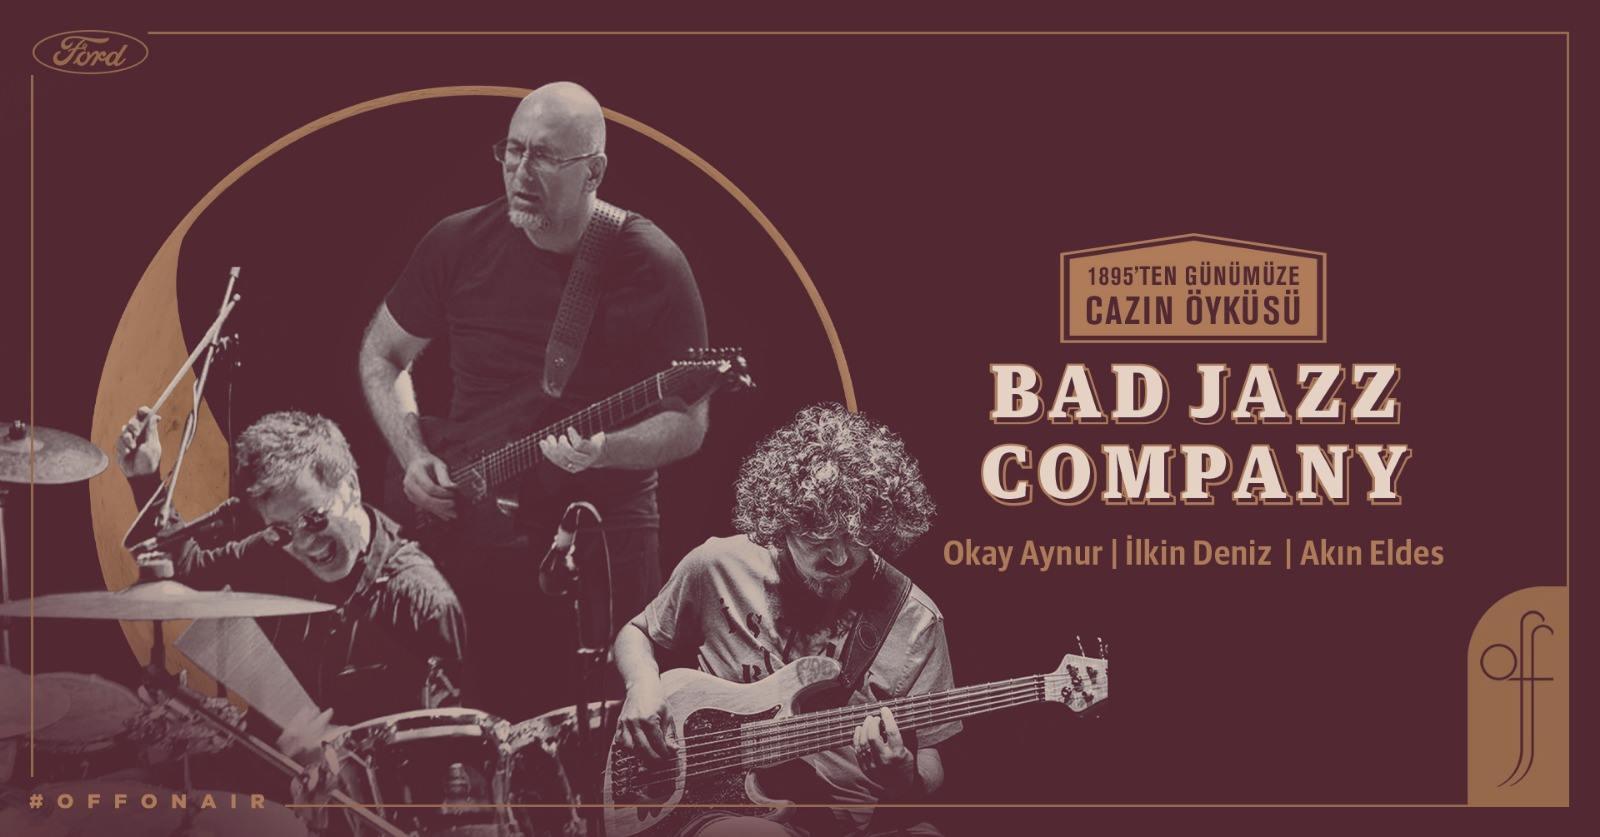 Bad Jazz Company - İlkin Deniz, Akın Eldes, Okay Aynur